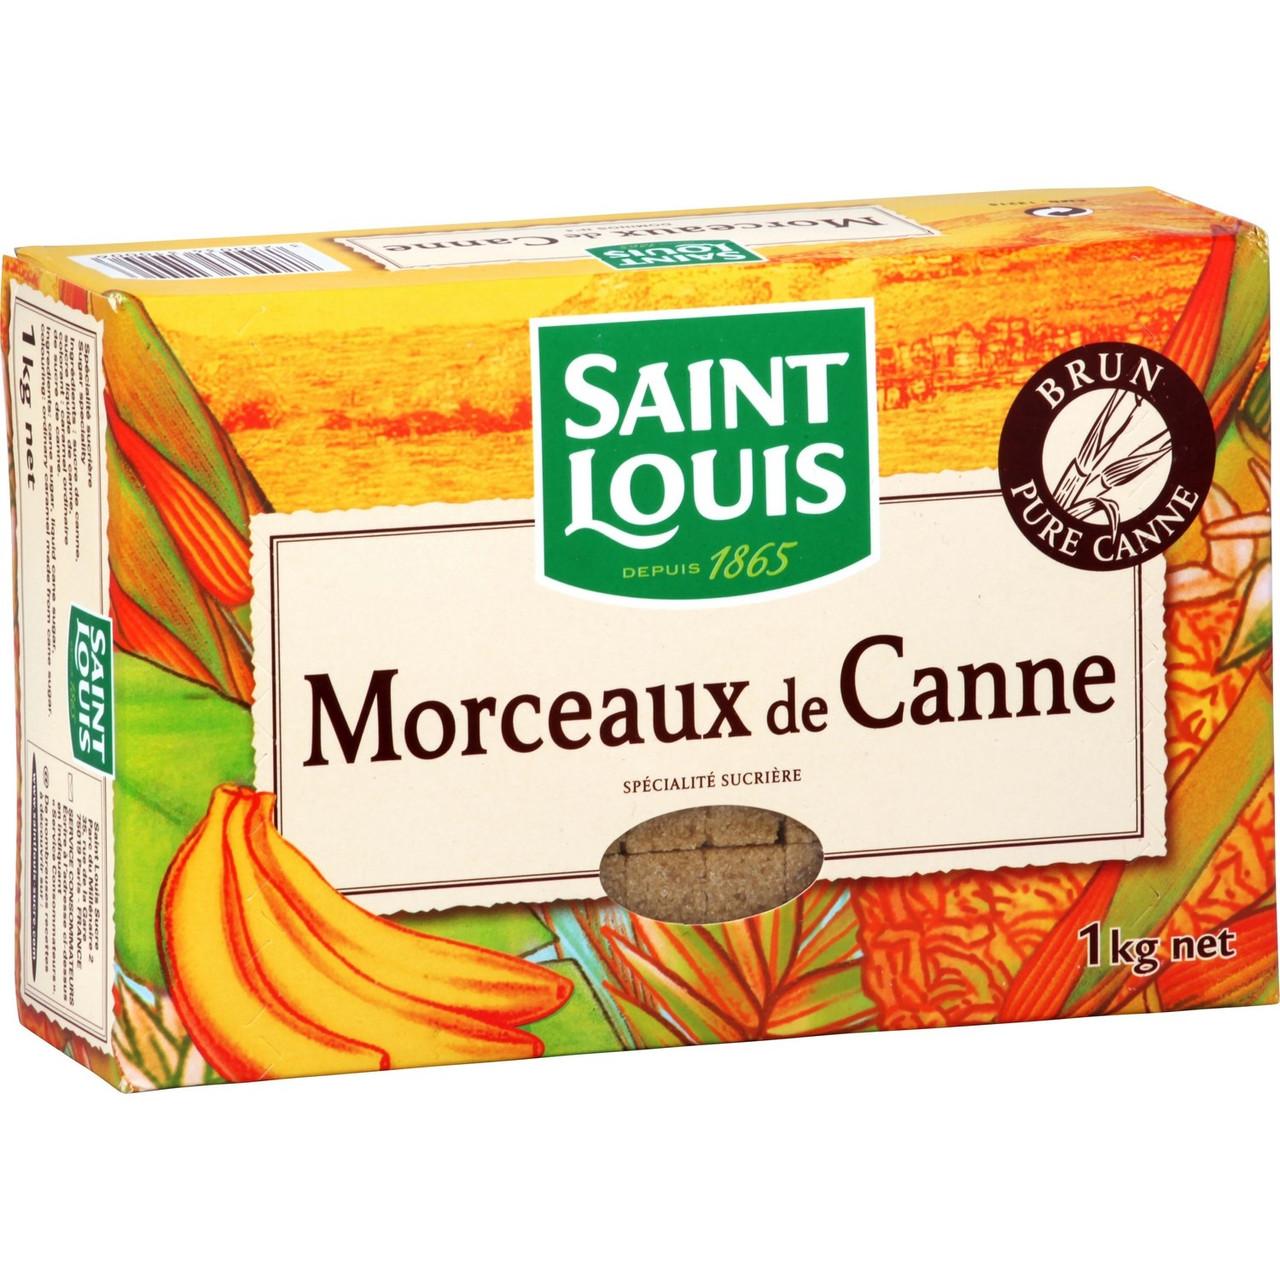 Коричневый (неочищенный) сахар тростниковый рафинад Saint Louis Morceaux de canne, 1 кг.